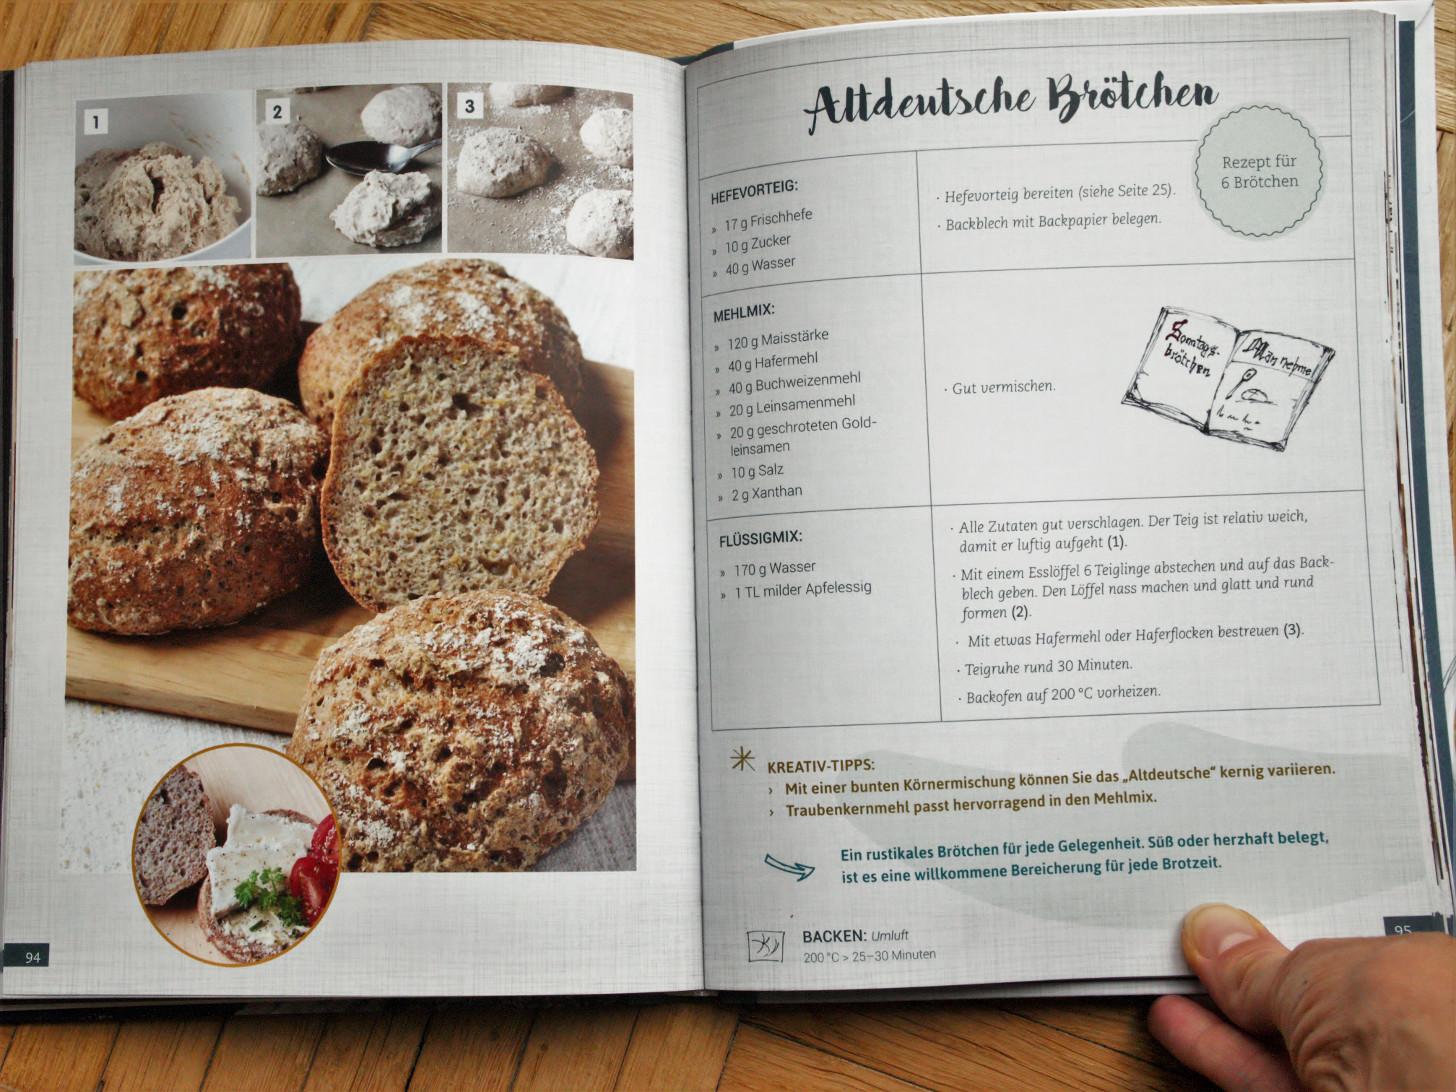 Brot, Brötchen & mehr – Glutenfrei Backen – Wie denn sonst! von Elke Schulenburg, Altdeutsche